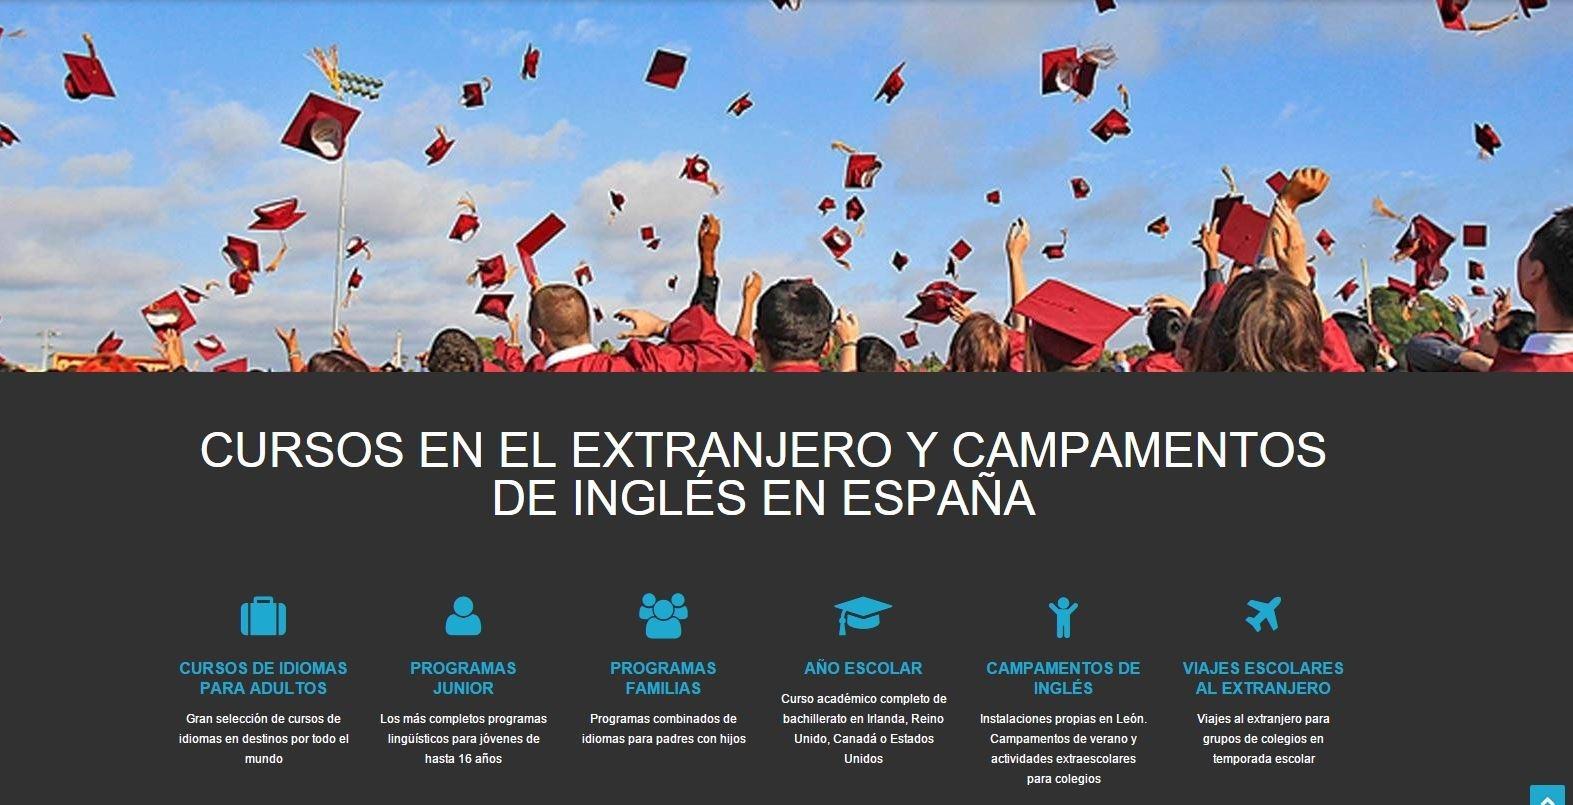 El campamento gmrcamps como inmersi n ling stica for Profesores en el extranjero